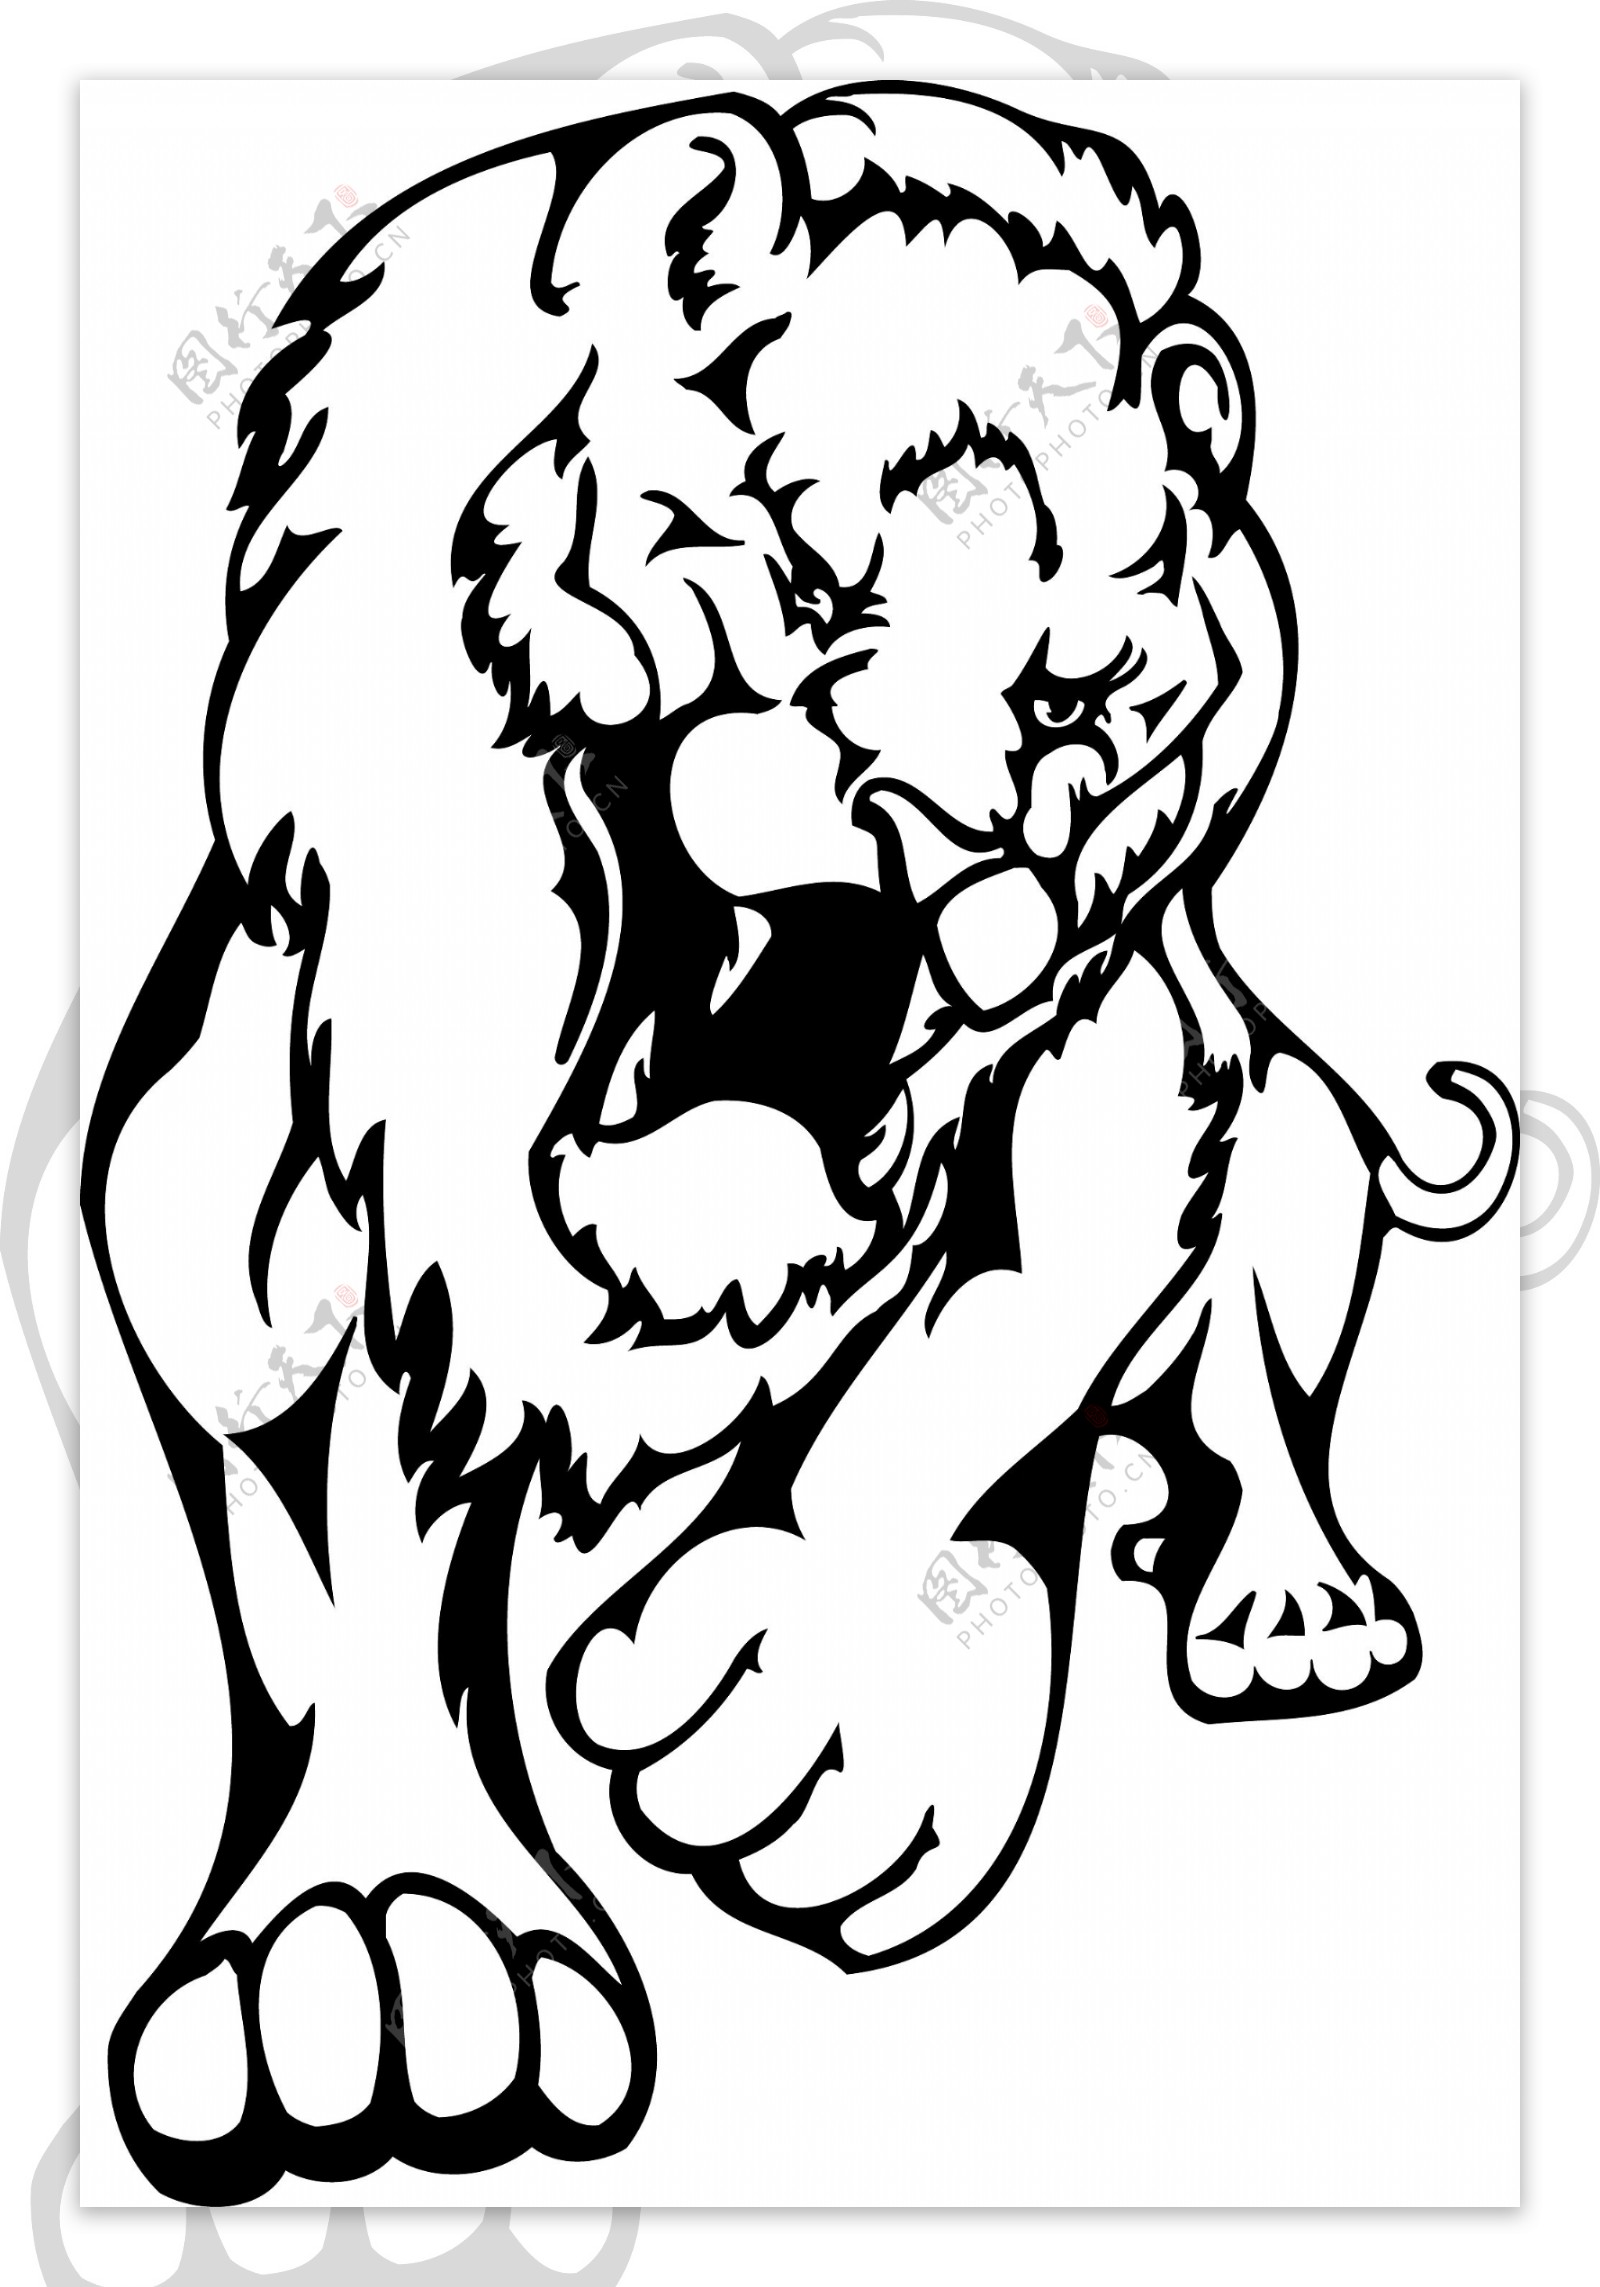 黑白简单威猛的卡通狮子矢量素材